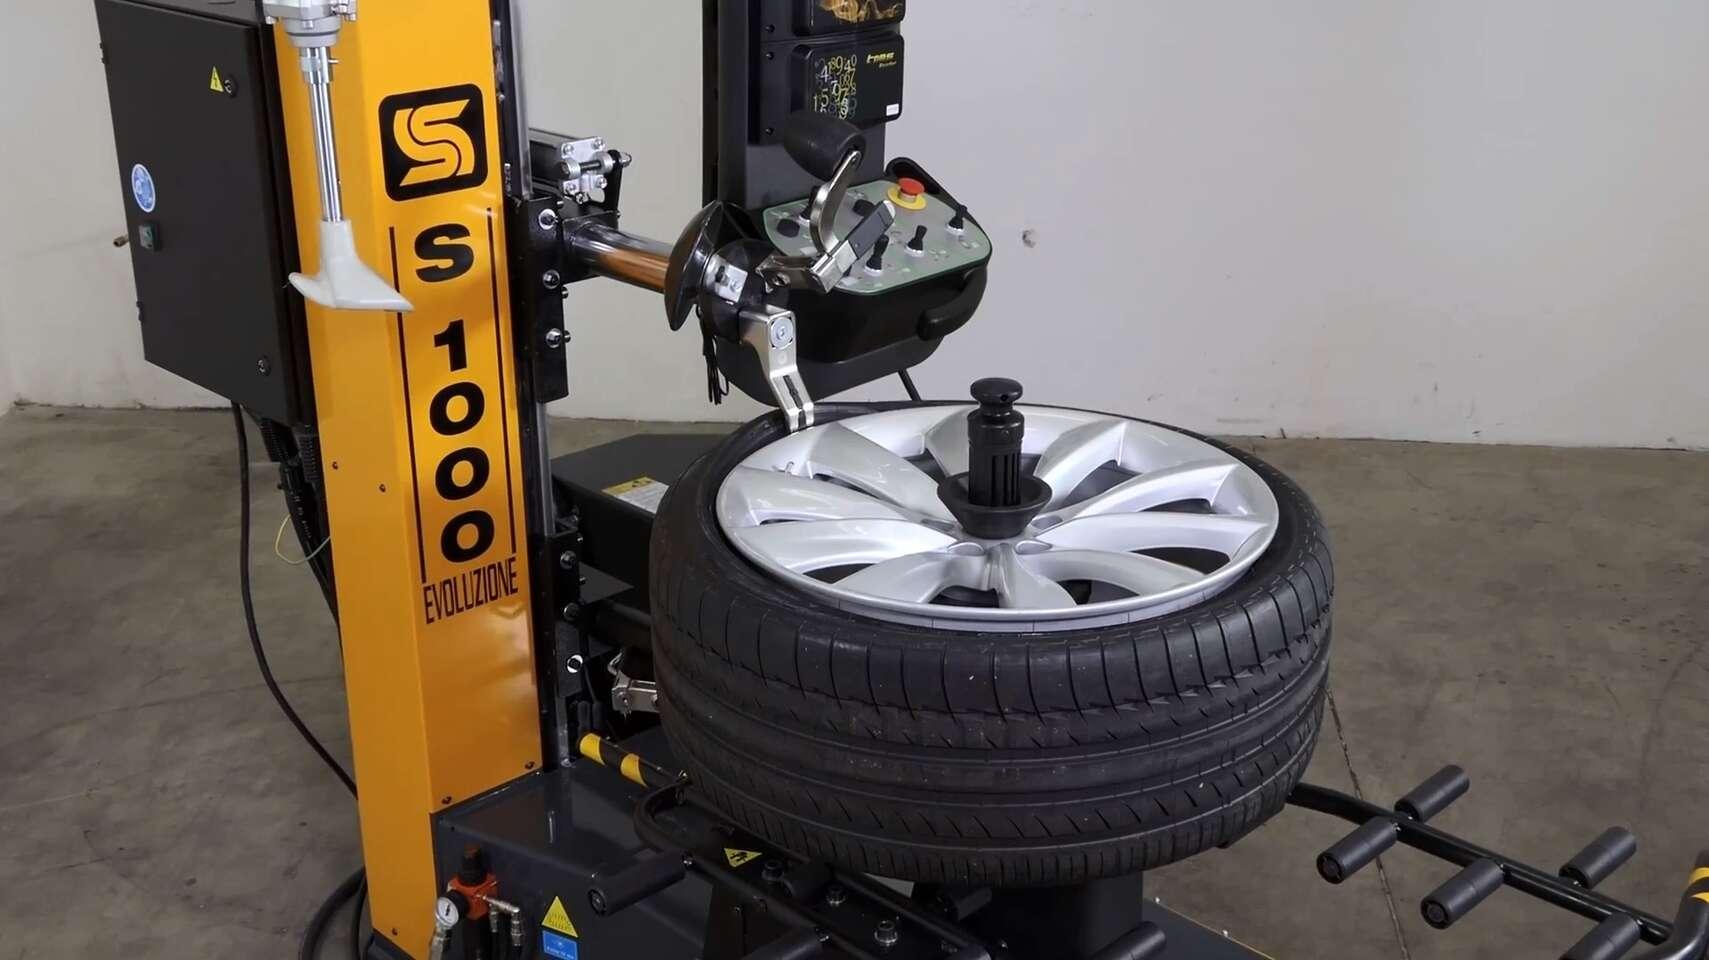 Šetrné prezutie bez rizika poškodenia pneumatiky na novom automate - robotickom stroji S1000 Evoluzione. Pracuje plne samostatne bez ľudského zásahu.